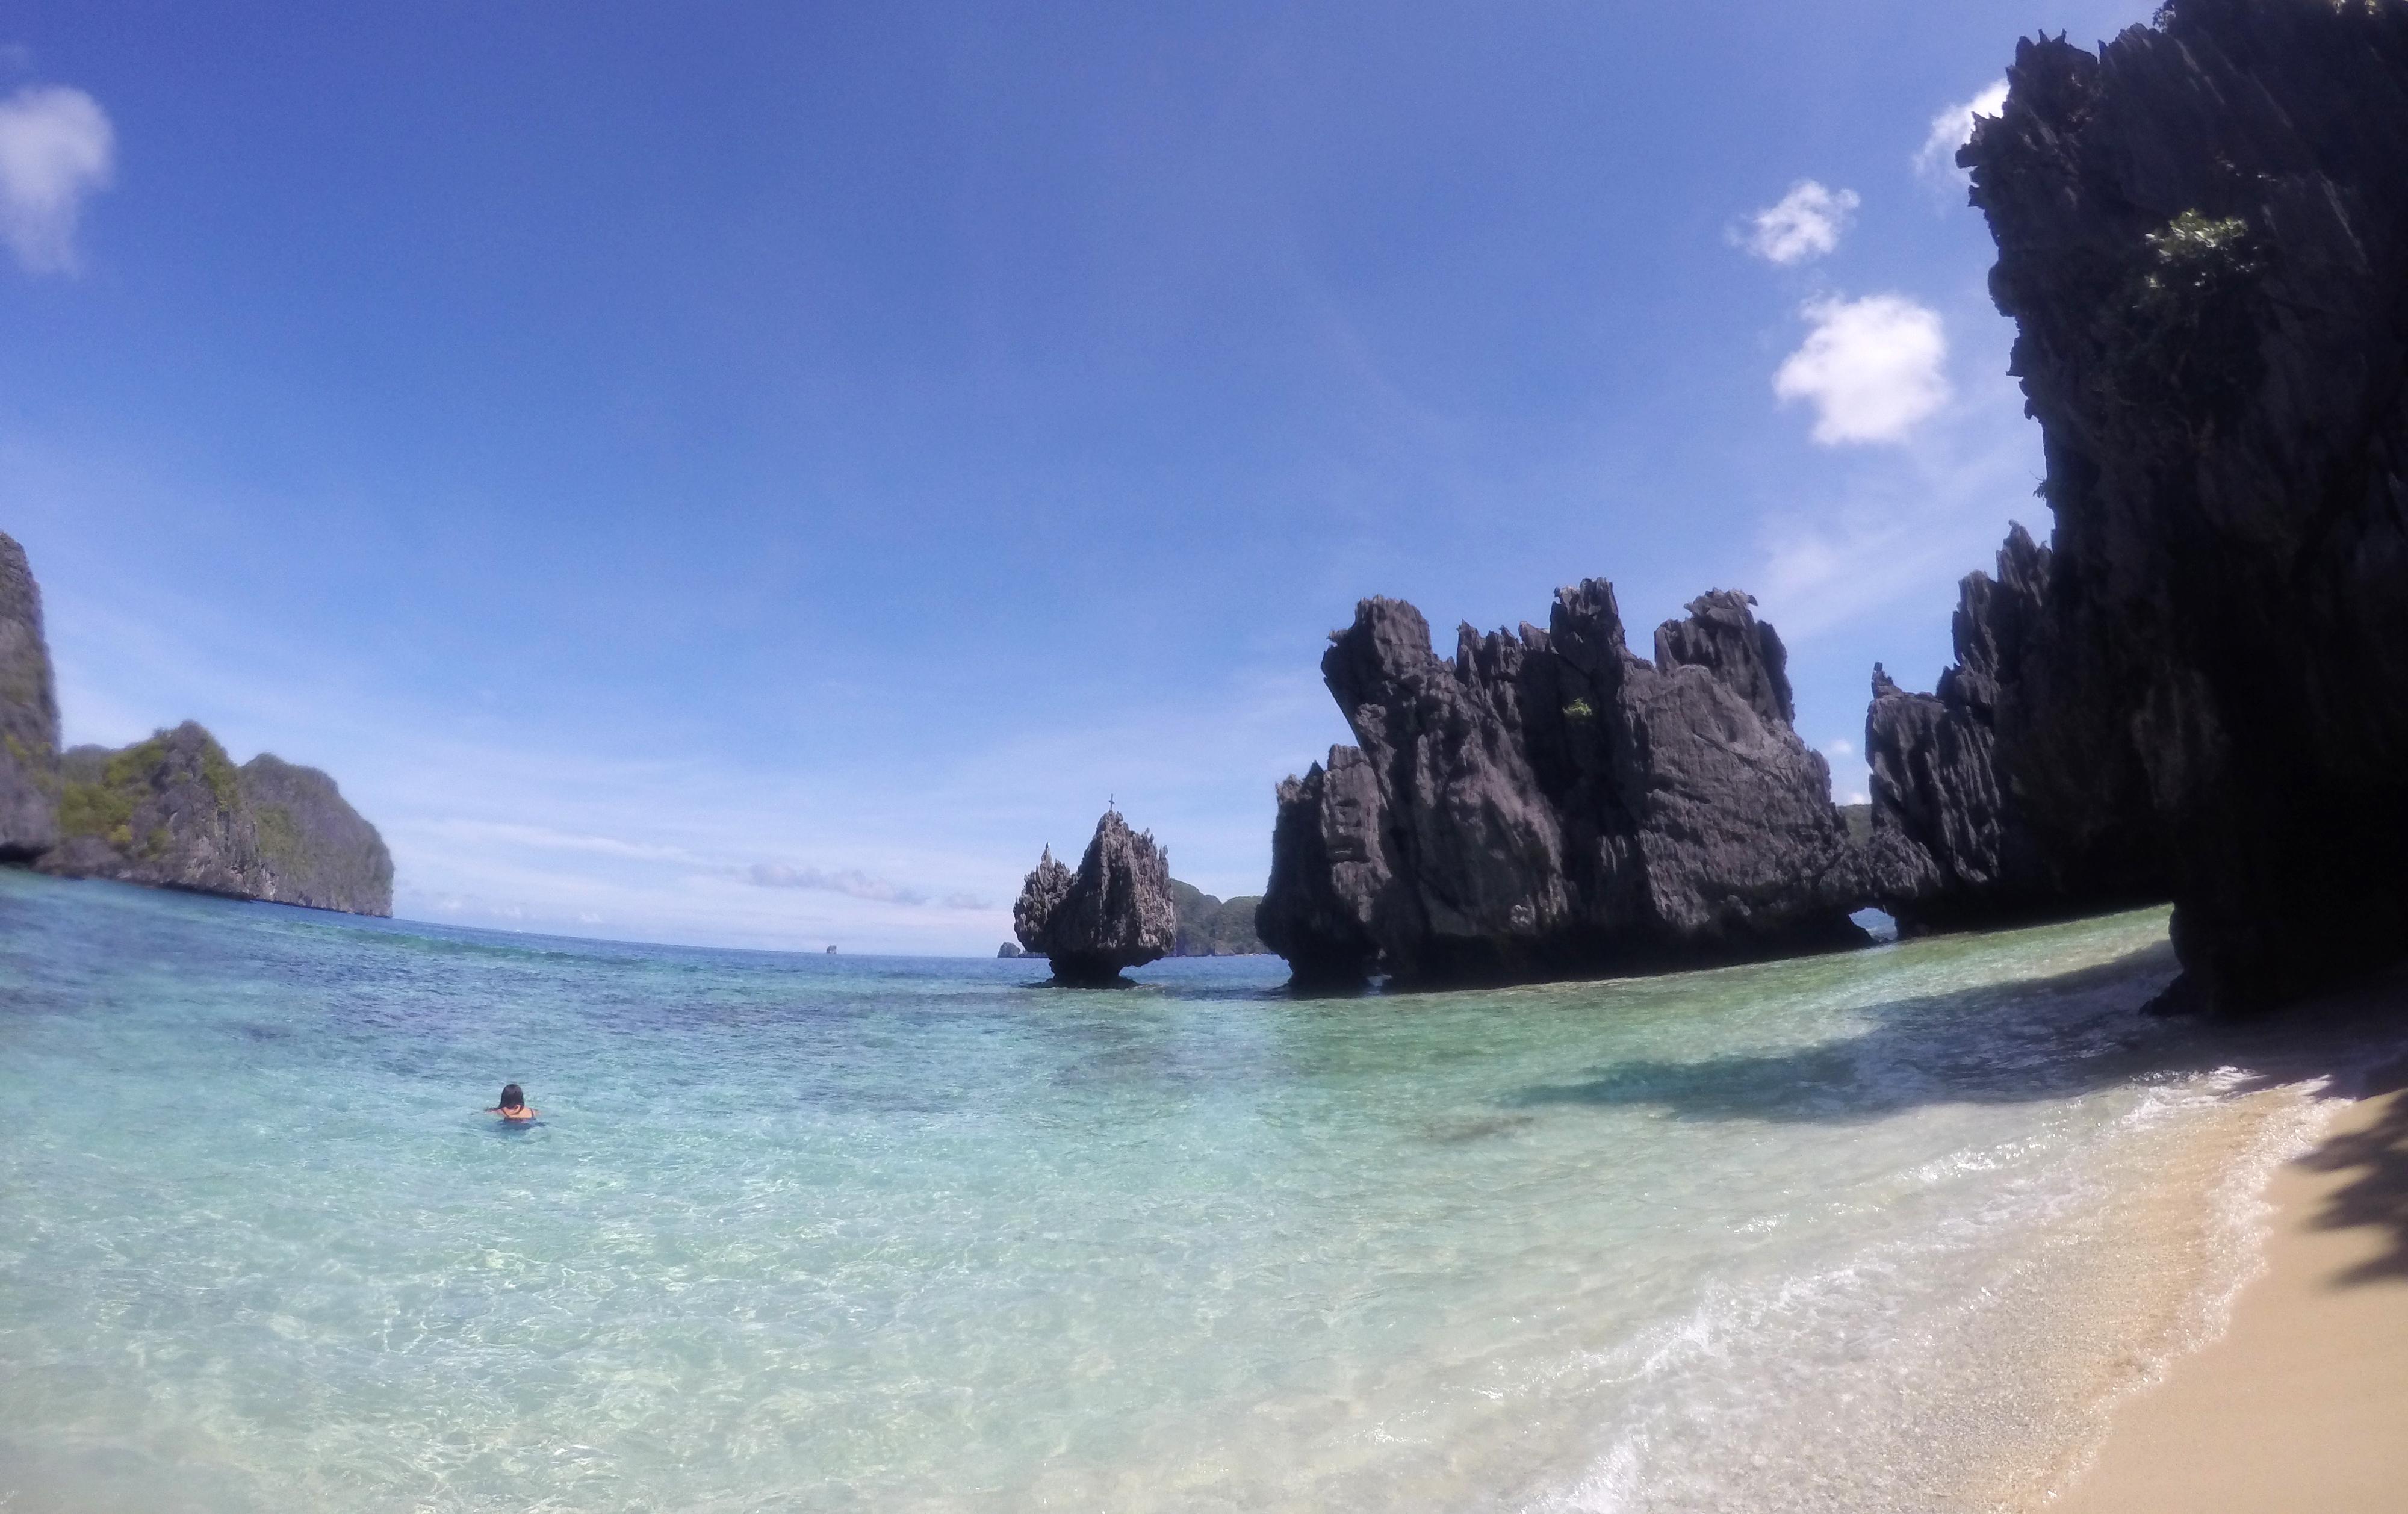 Hidden Beach, El Nido, Palawan, Philippines. Nov 2016